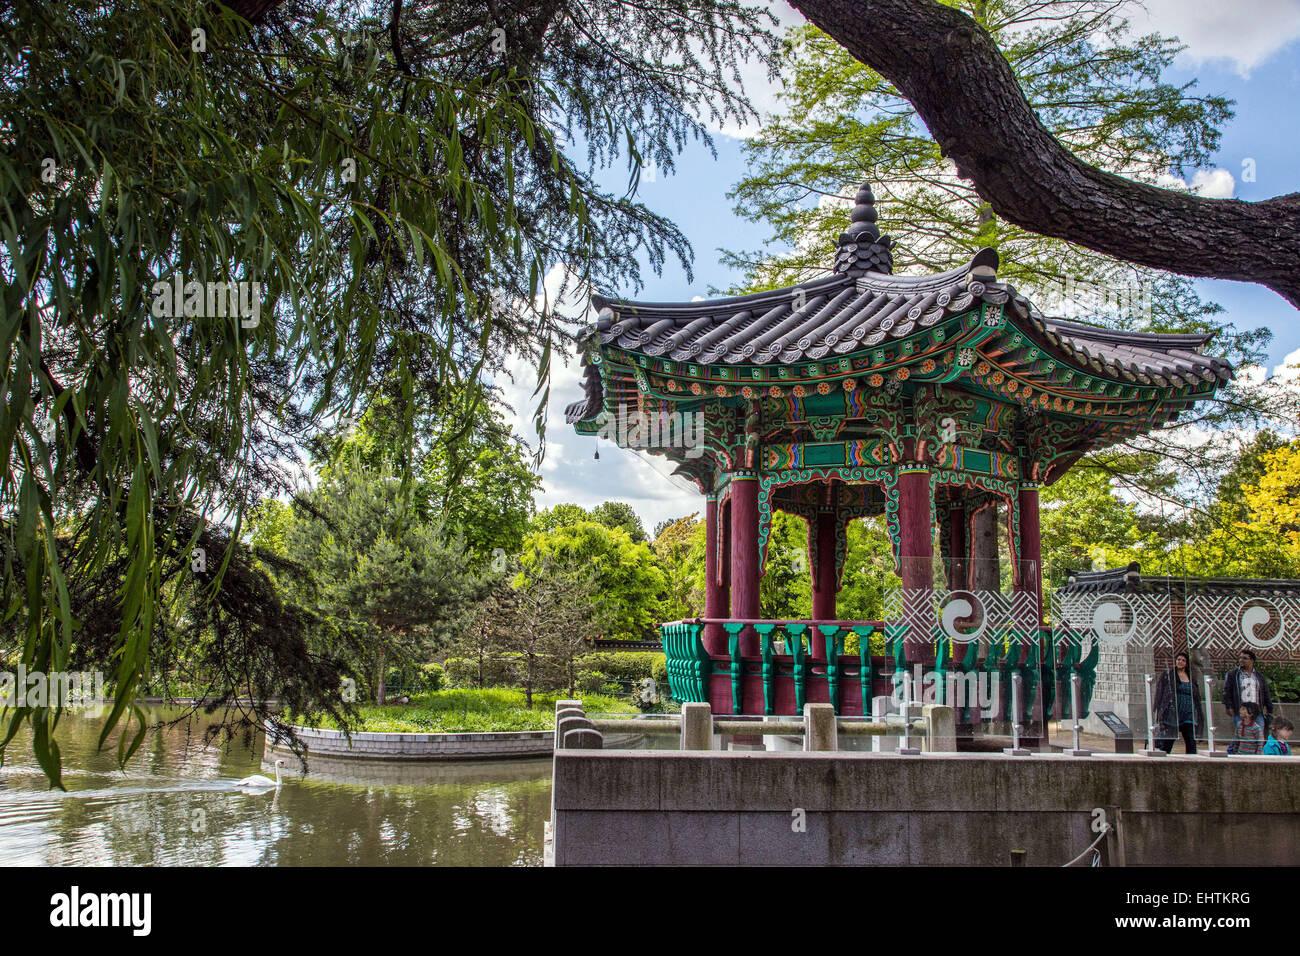 Jardin D Acclimatation Bois De Boulogne Paris 75 France Stock